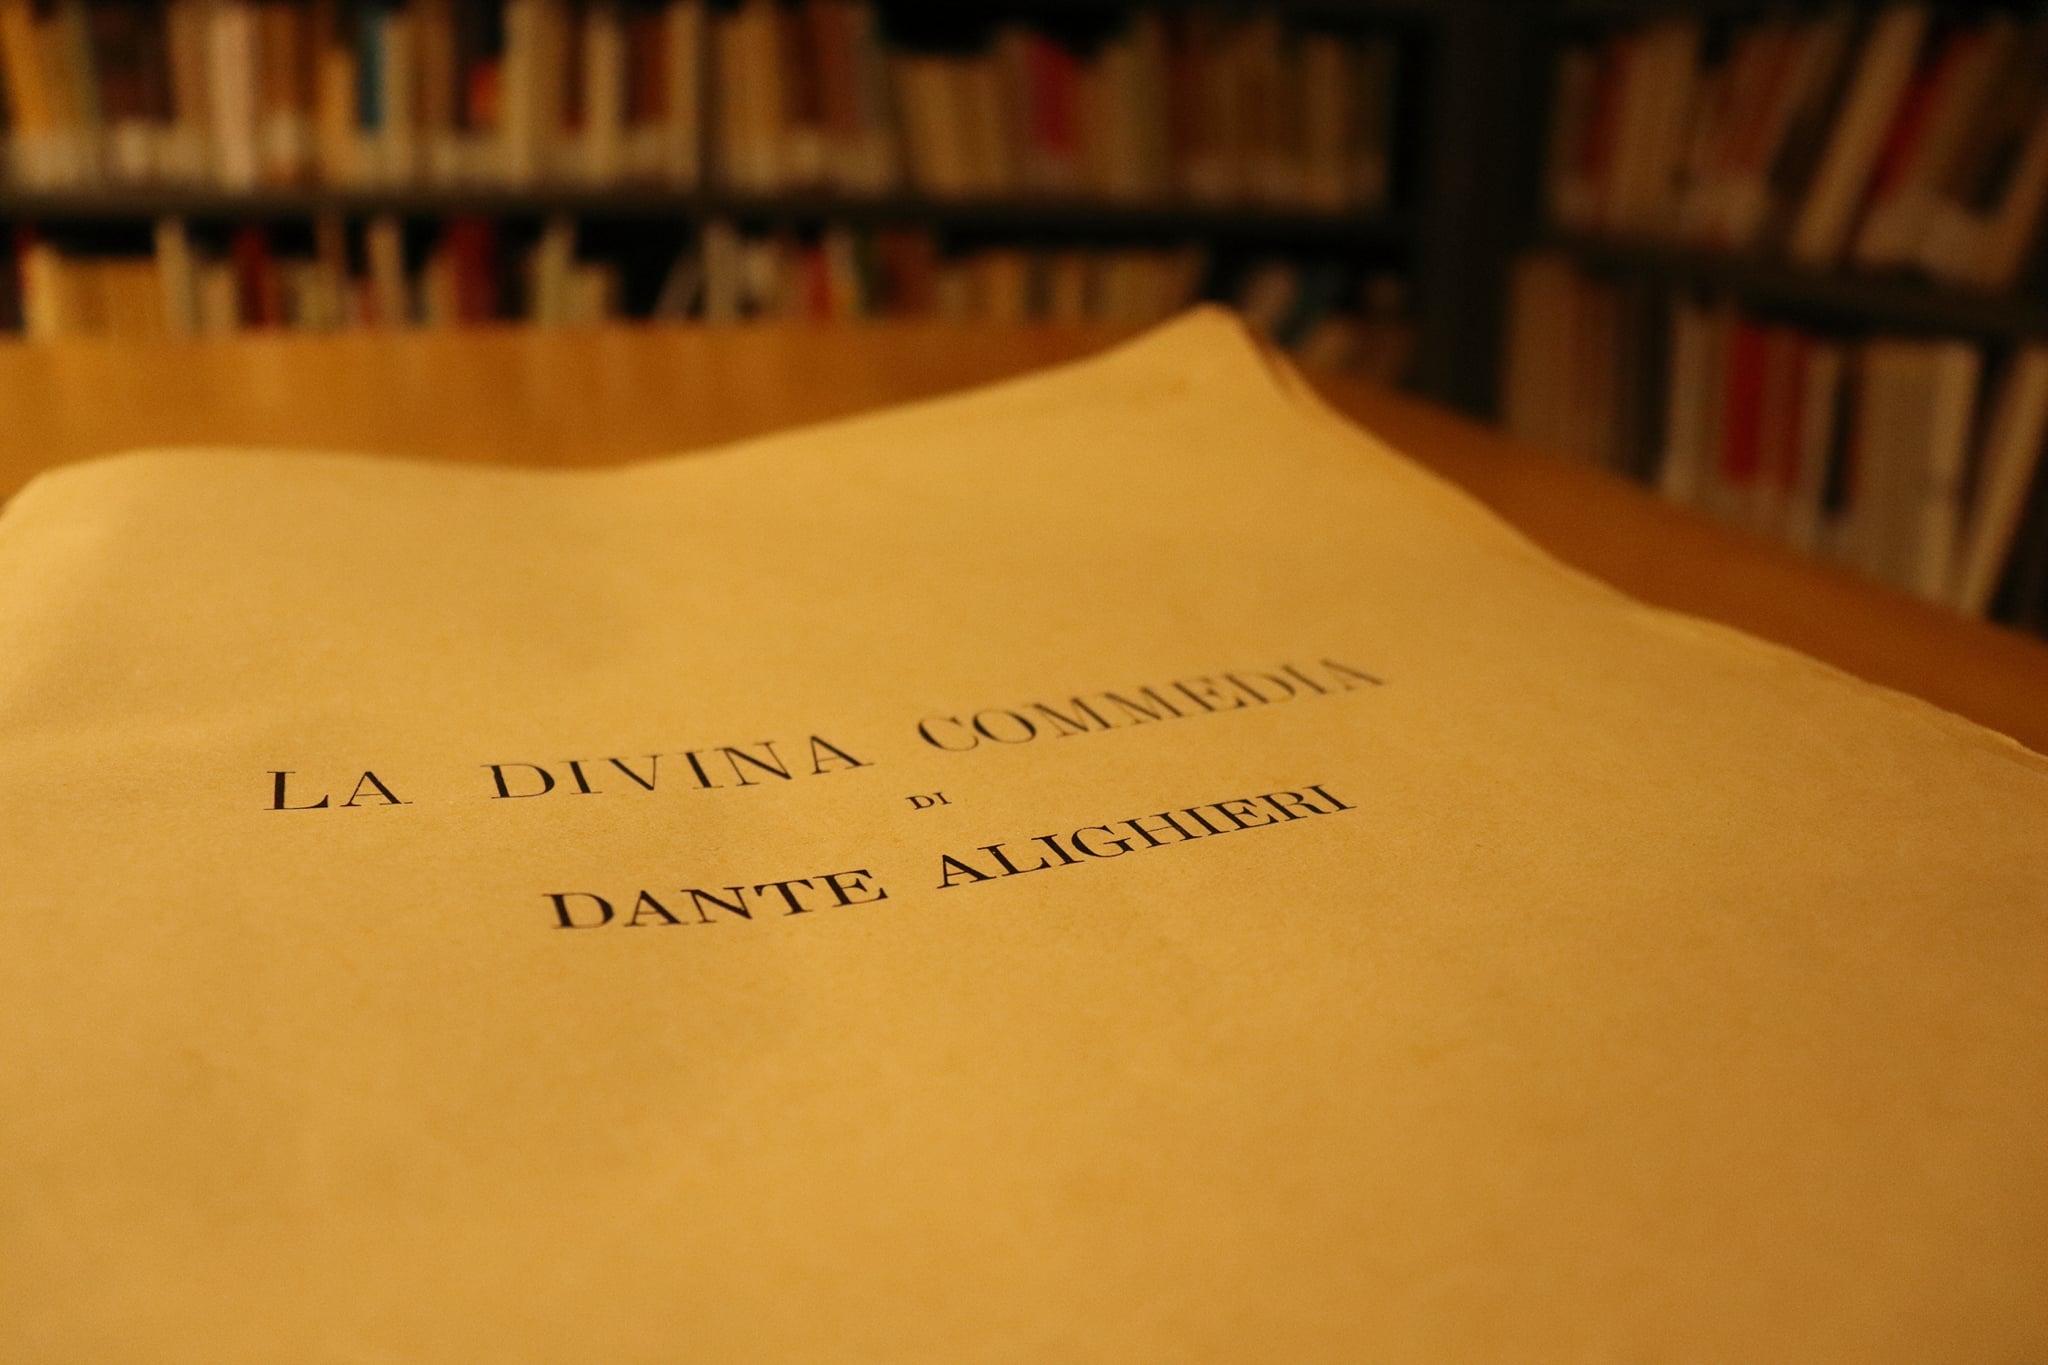 Il Sistema Bibliotecario Lametino cerca 100 volontari come lettori dell'Inferno di Dante e artisti che vogliano esporre i propri lavori